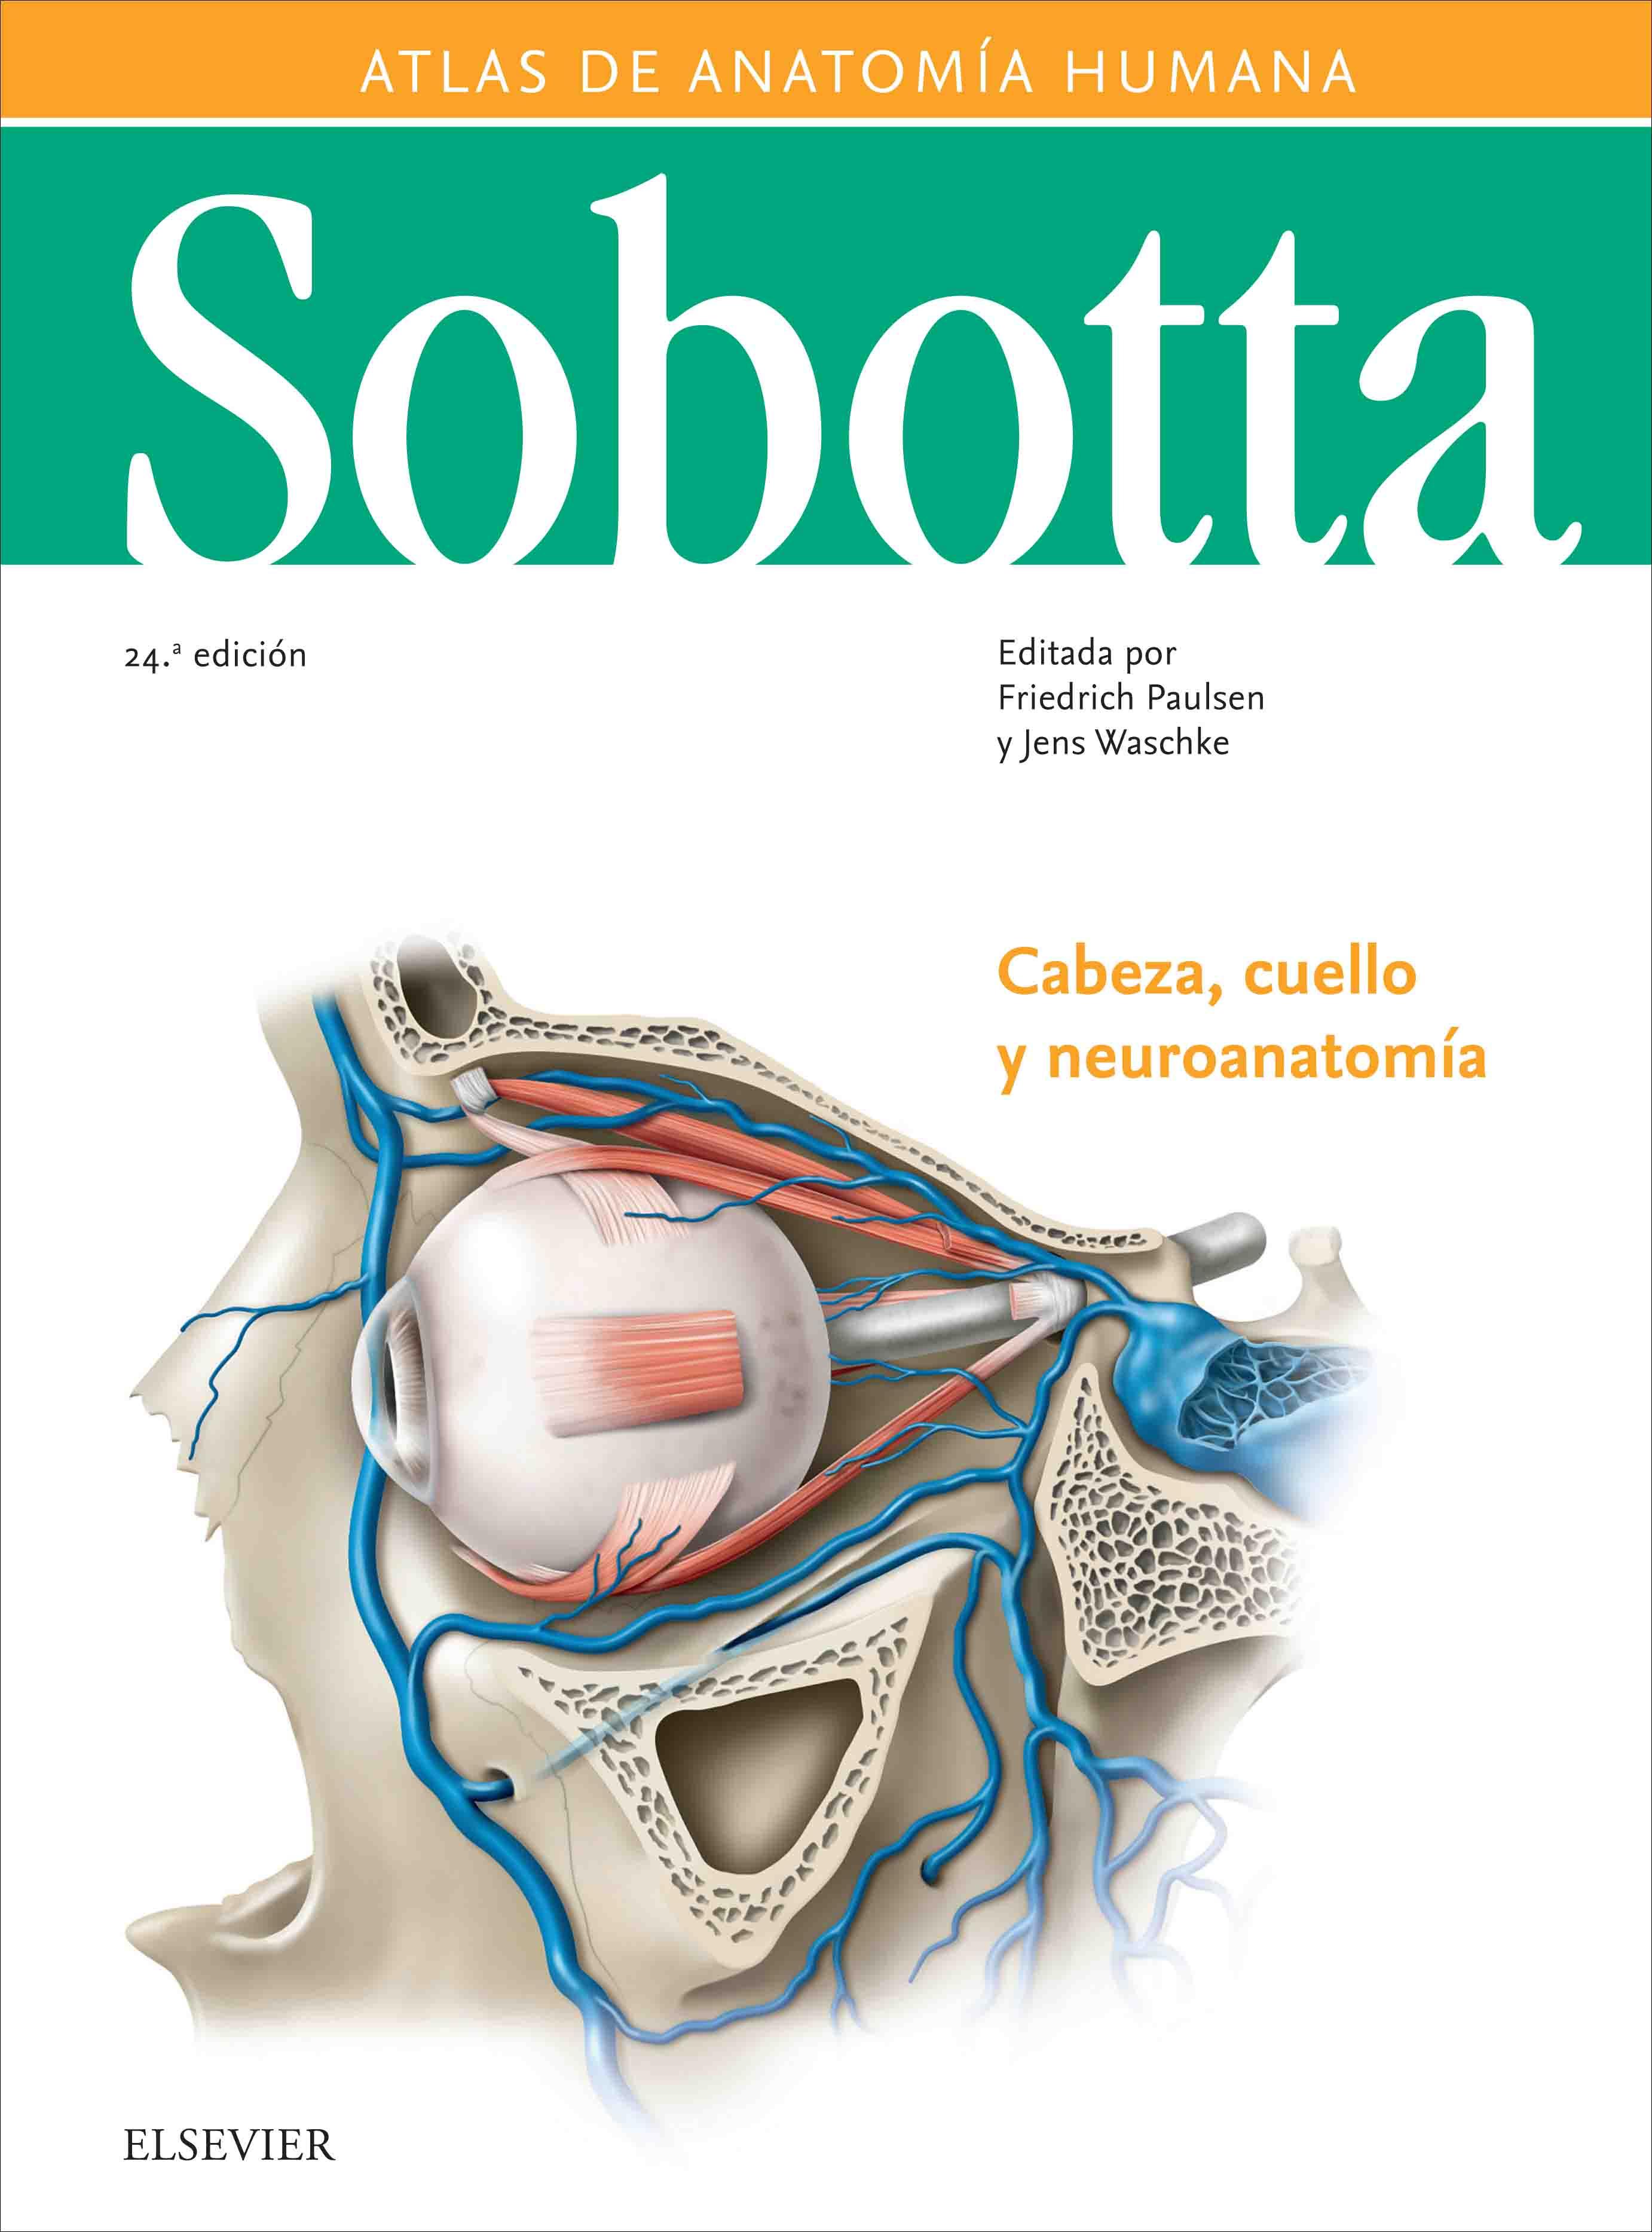 ATLAS DE ANATOMIA HUMANA' Vol.3' Cabeza' Cuello y Neuroanatomía